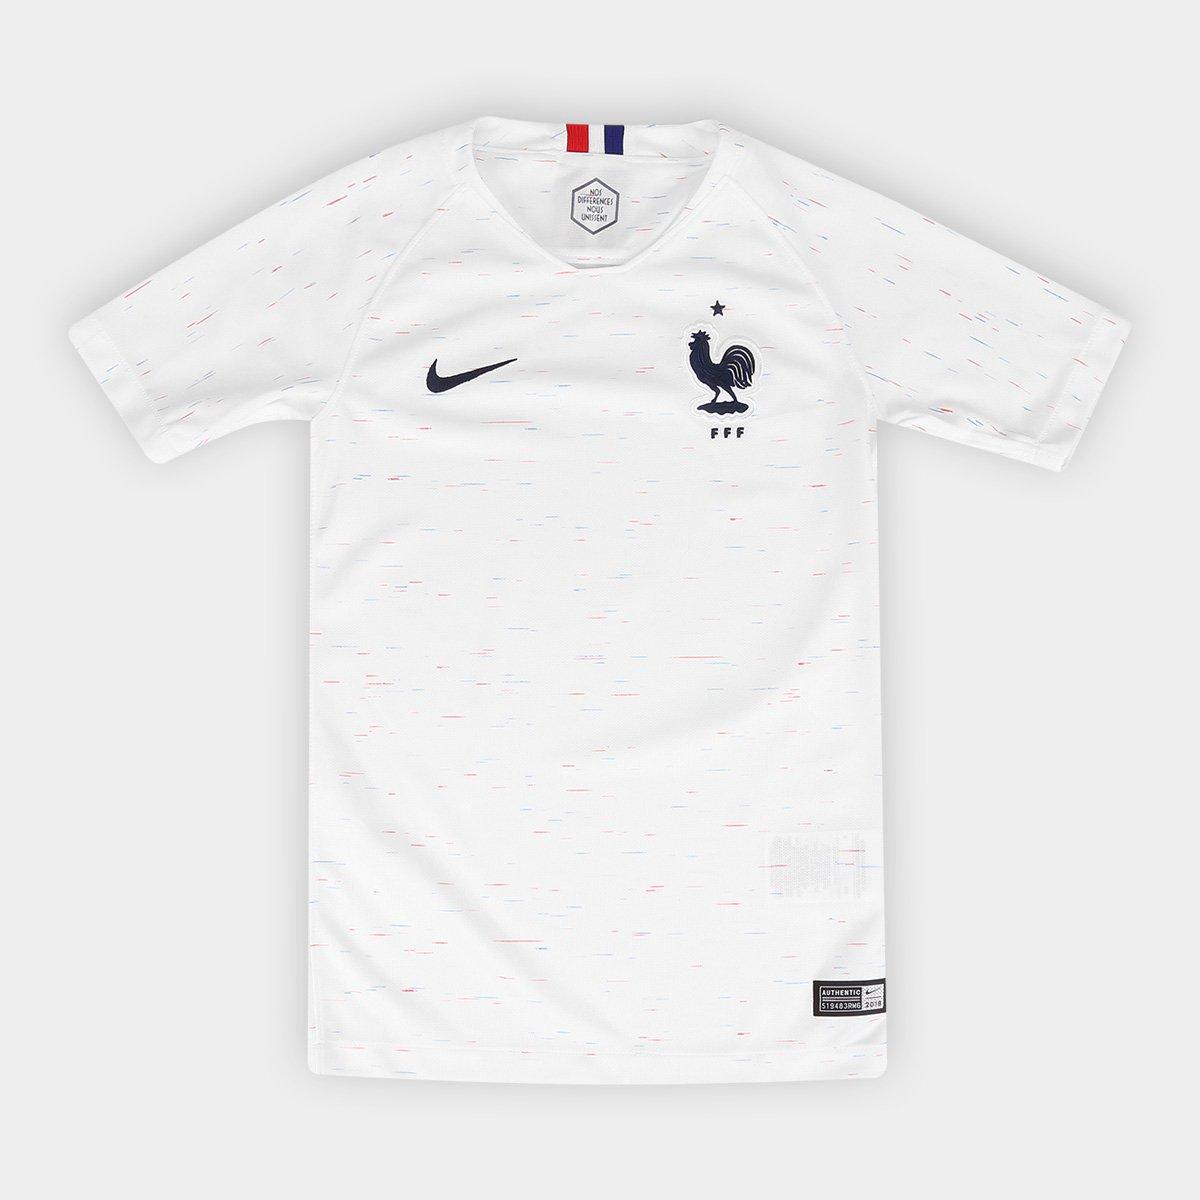 Camisa Seleção França Juvenil Away 2018 s n° - Torcedor Nike ... f5d0aec460